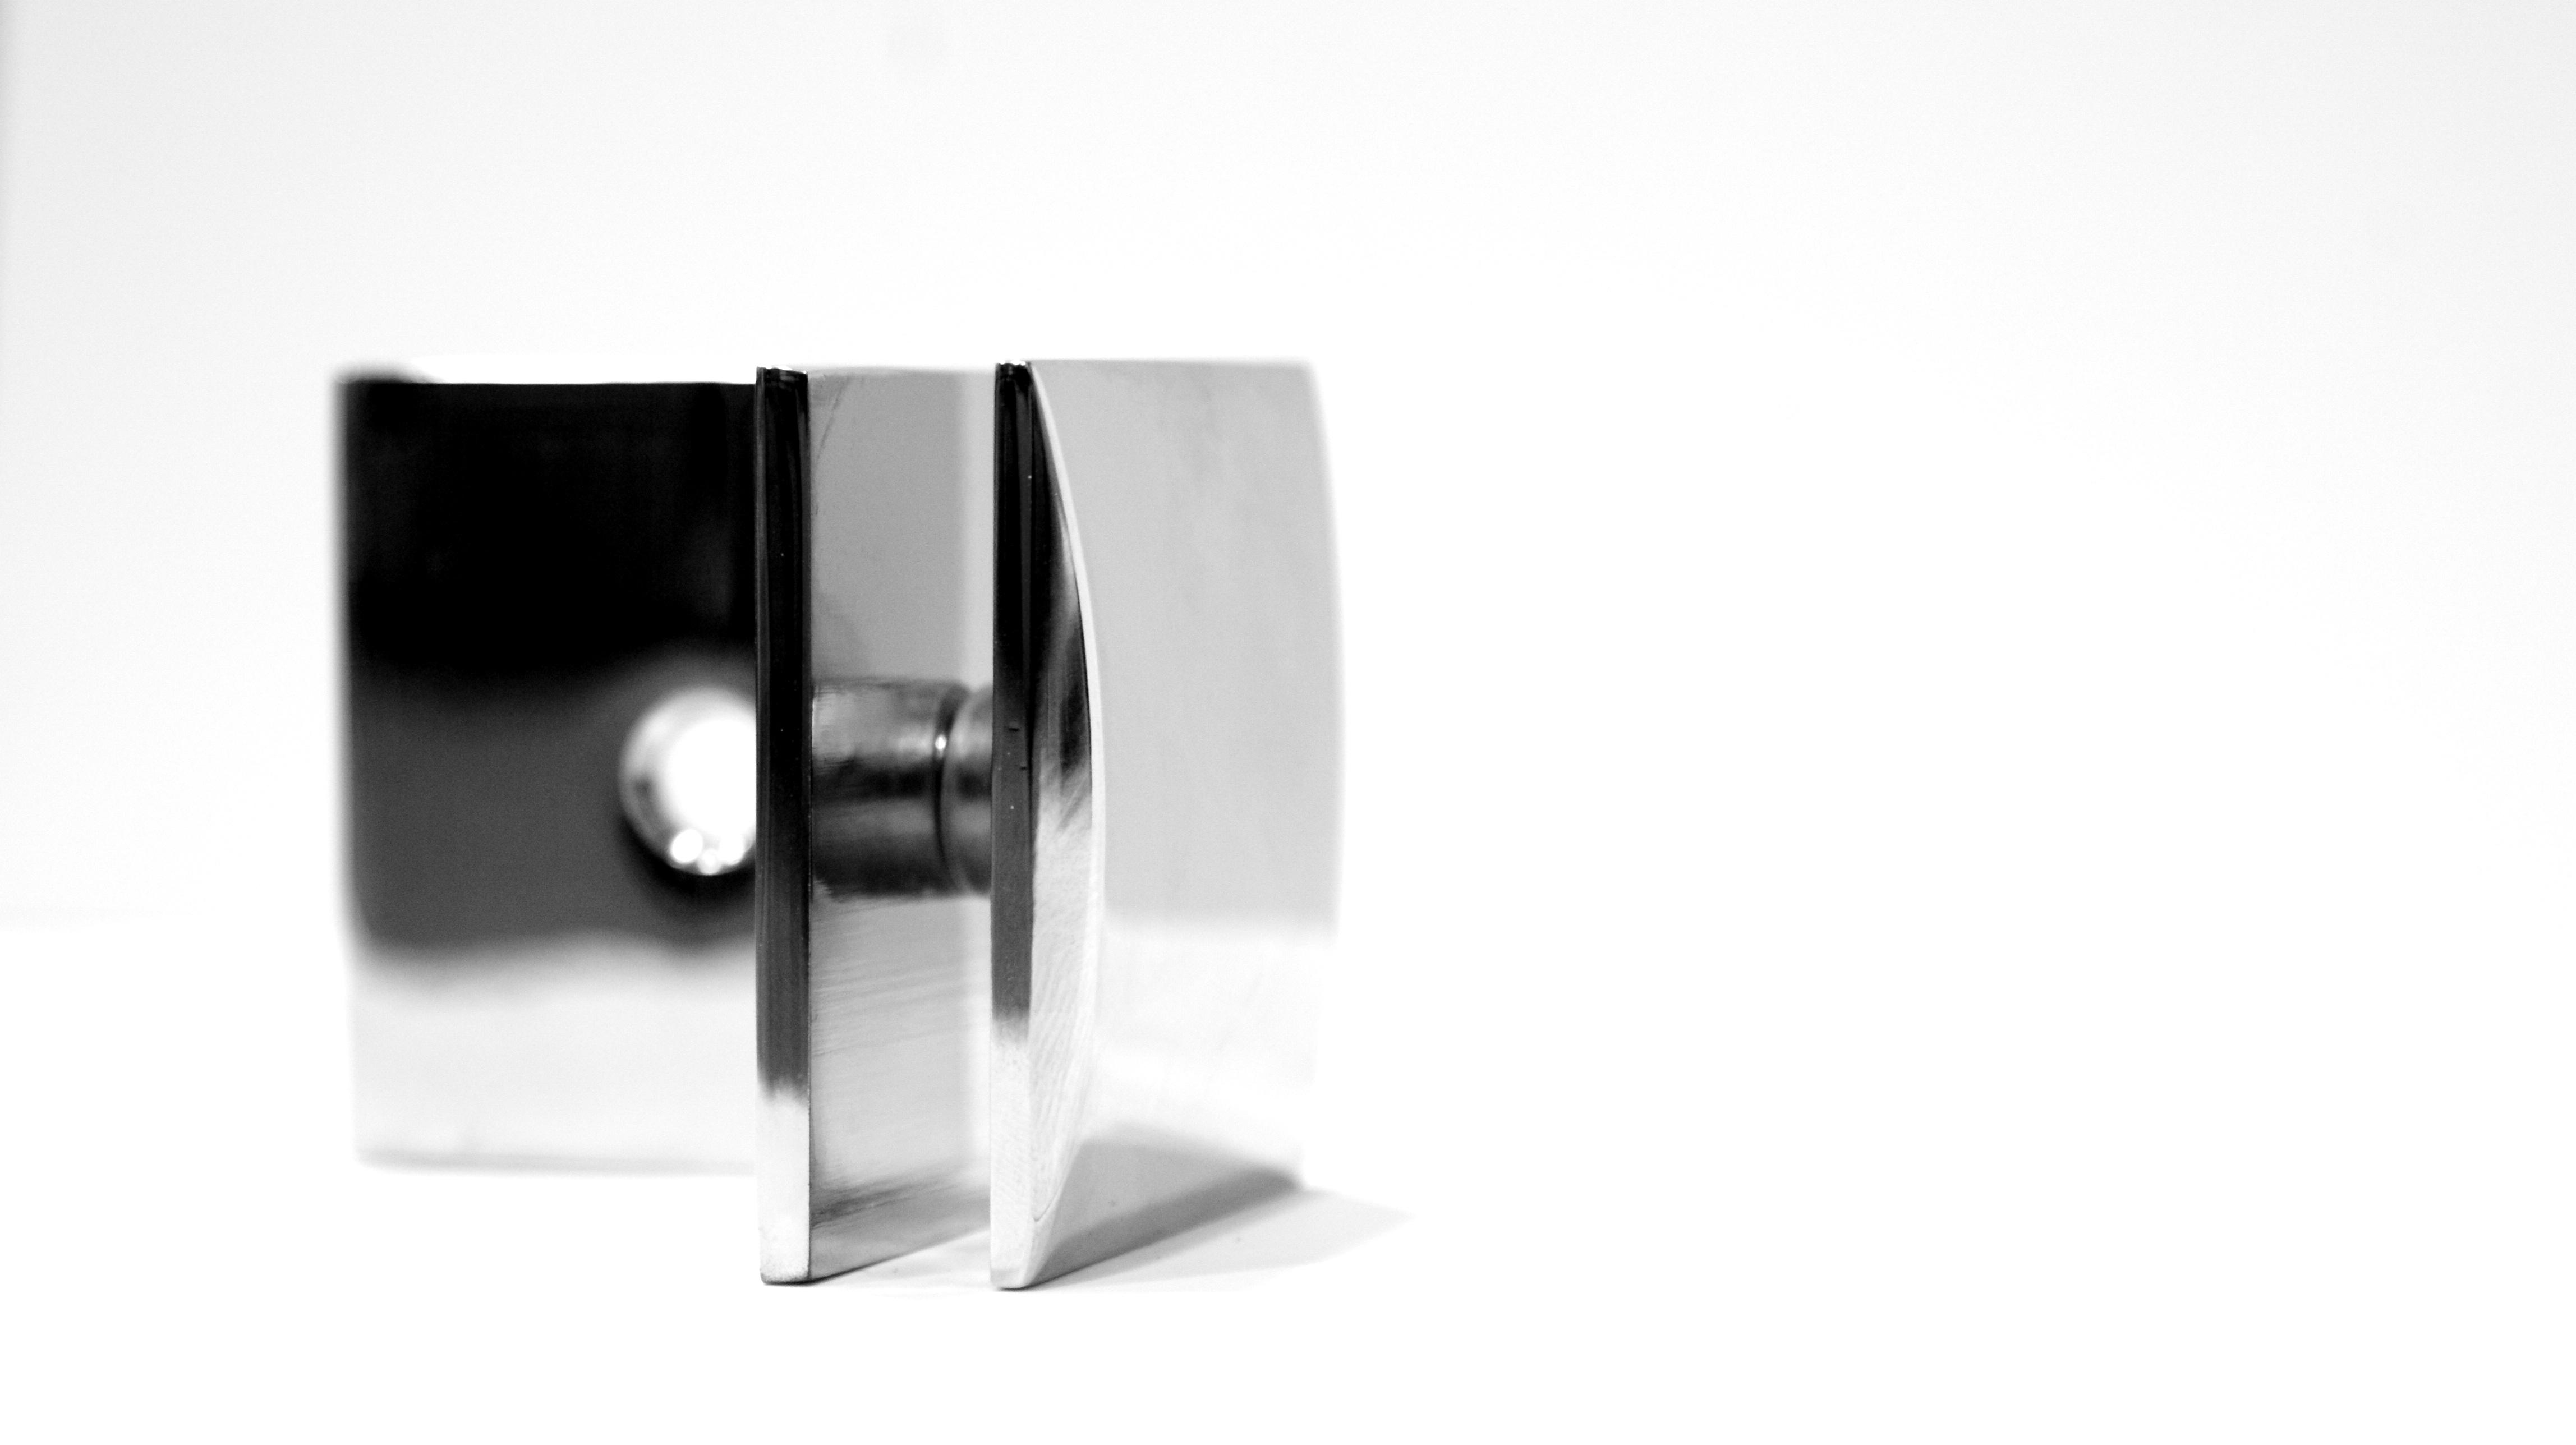 Klamra dedykowana kabinom prysznicowym w wykończeniu połysk